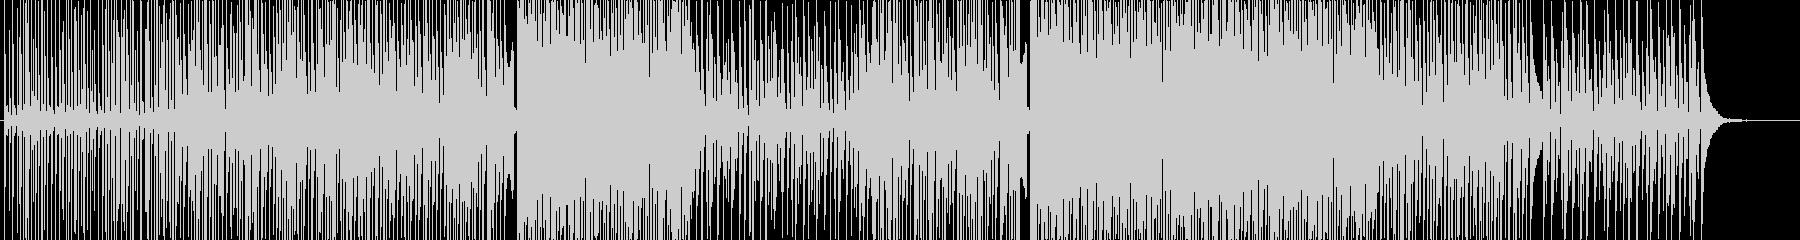 アクティブ-動画-エレクトロダンスハウスの未再生の波形